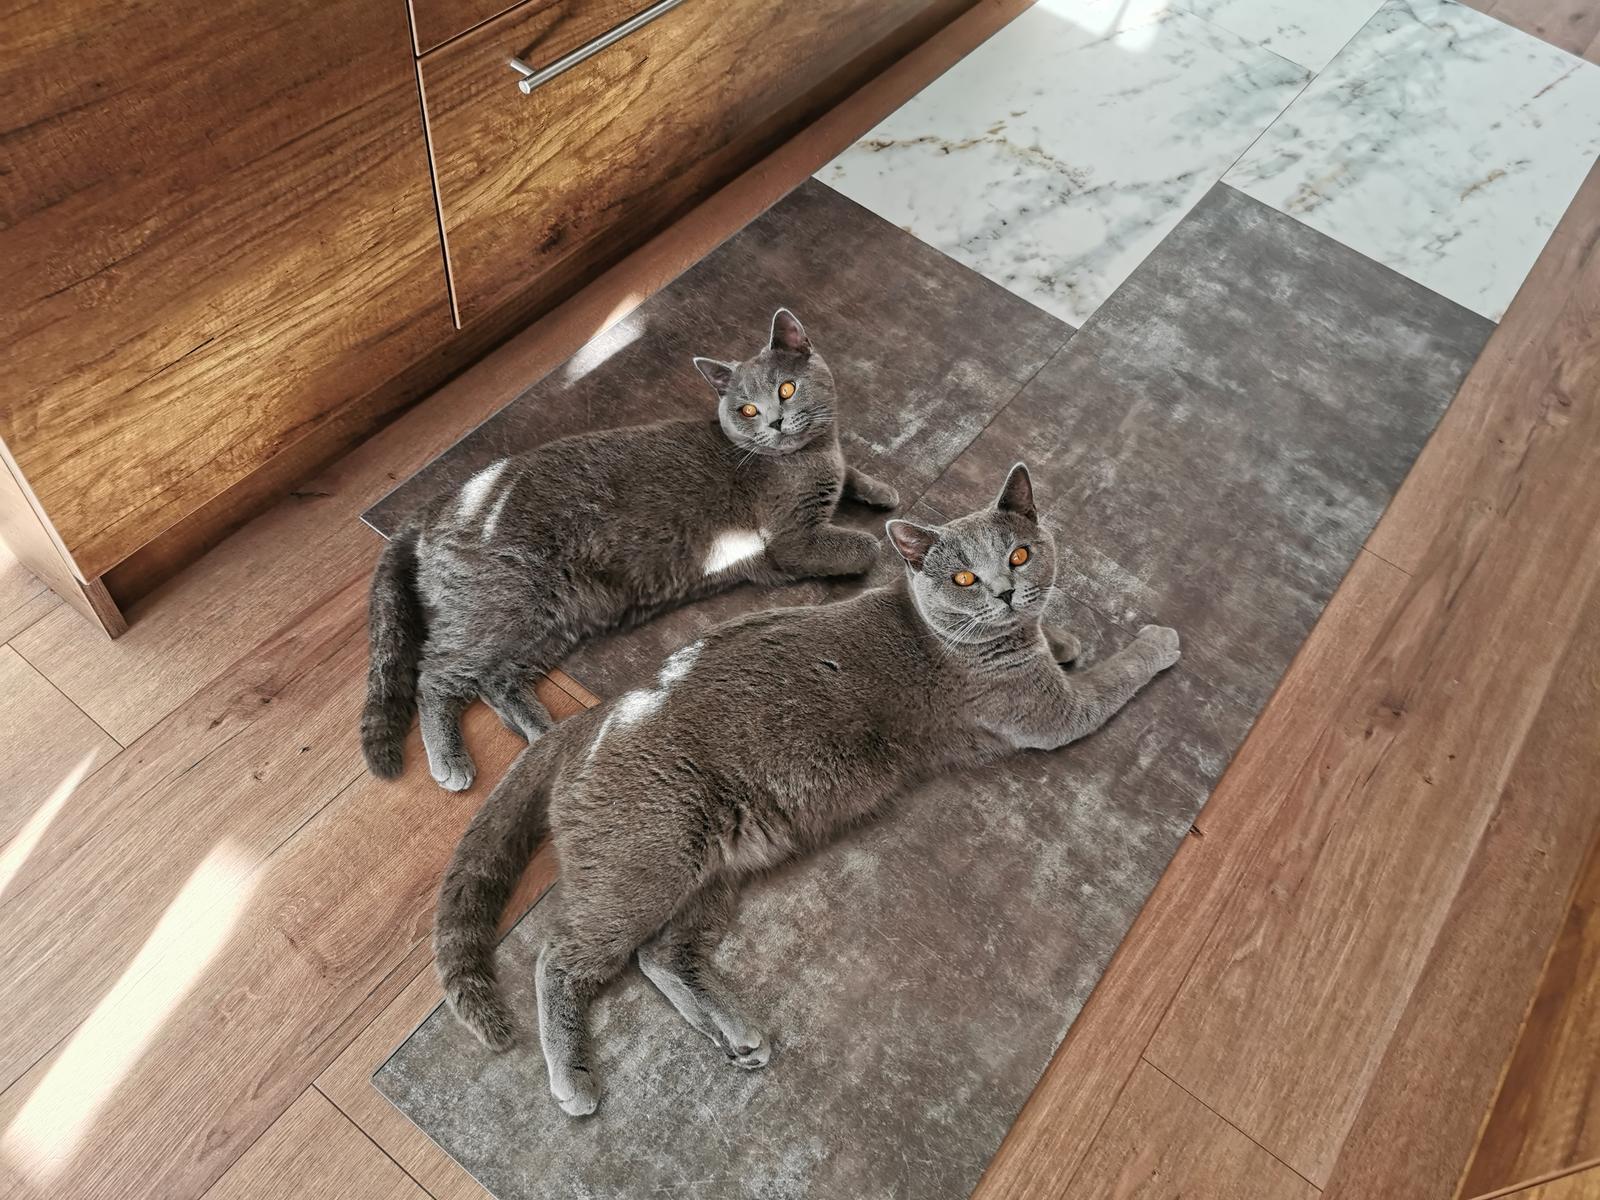 Euroline Bungalov 1871 - 23.12.2019 Dorazili podlahy a mačky si ich aj hneď obľúbili 🙈🤣